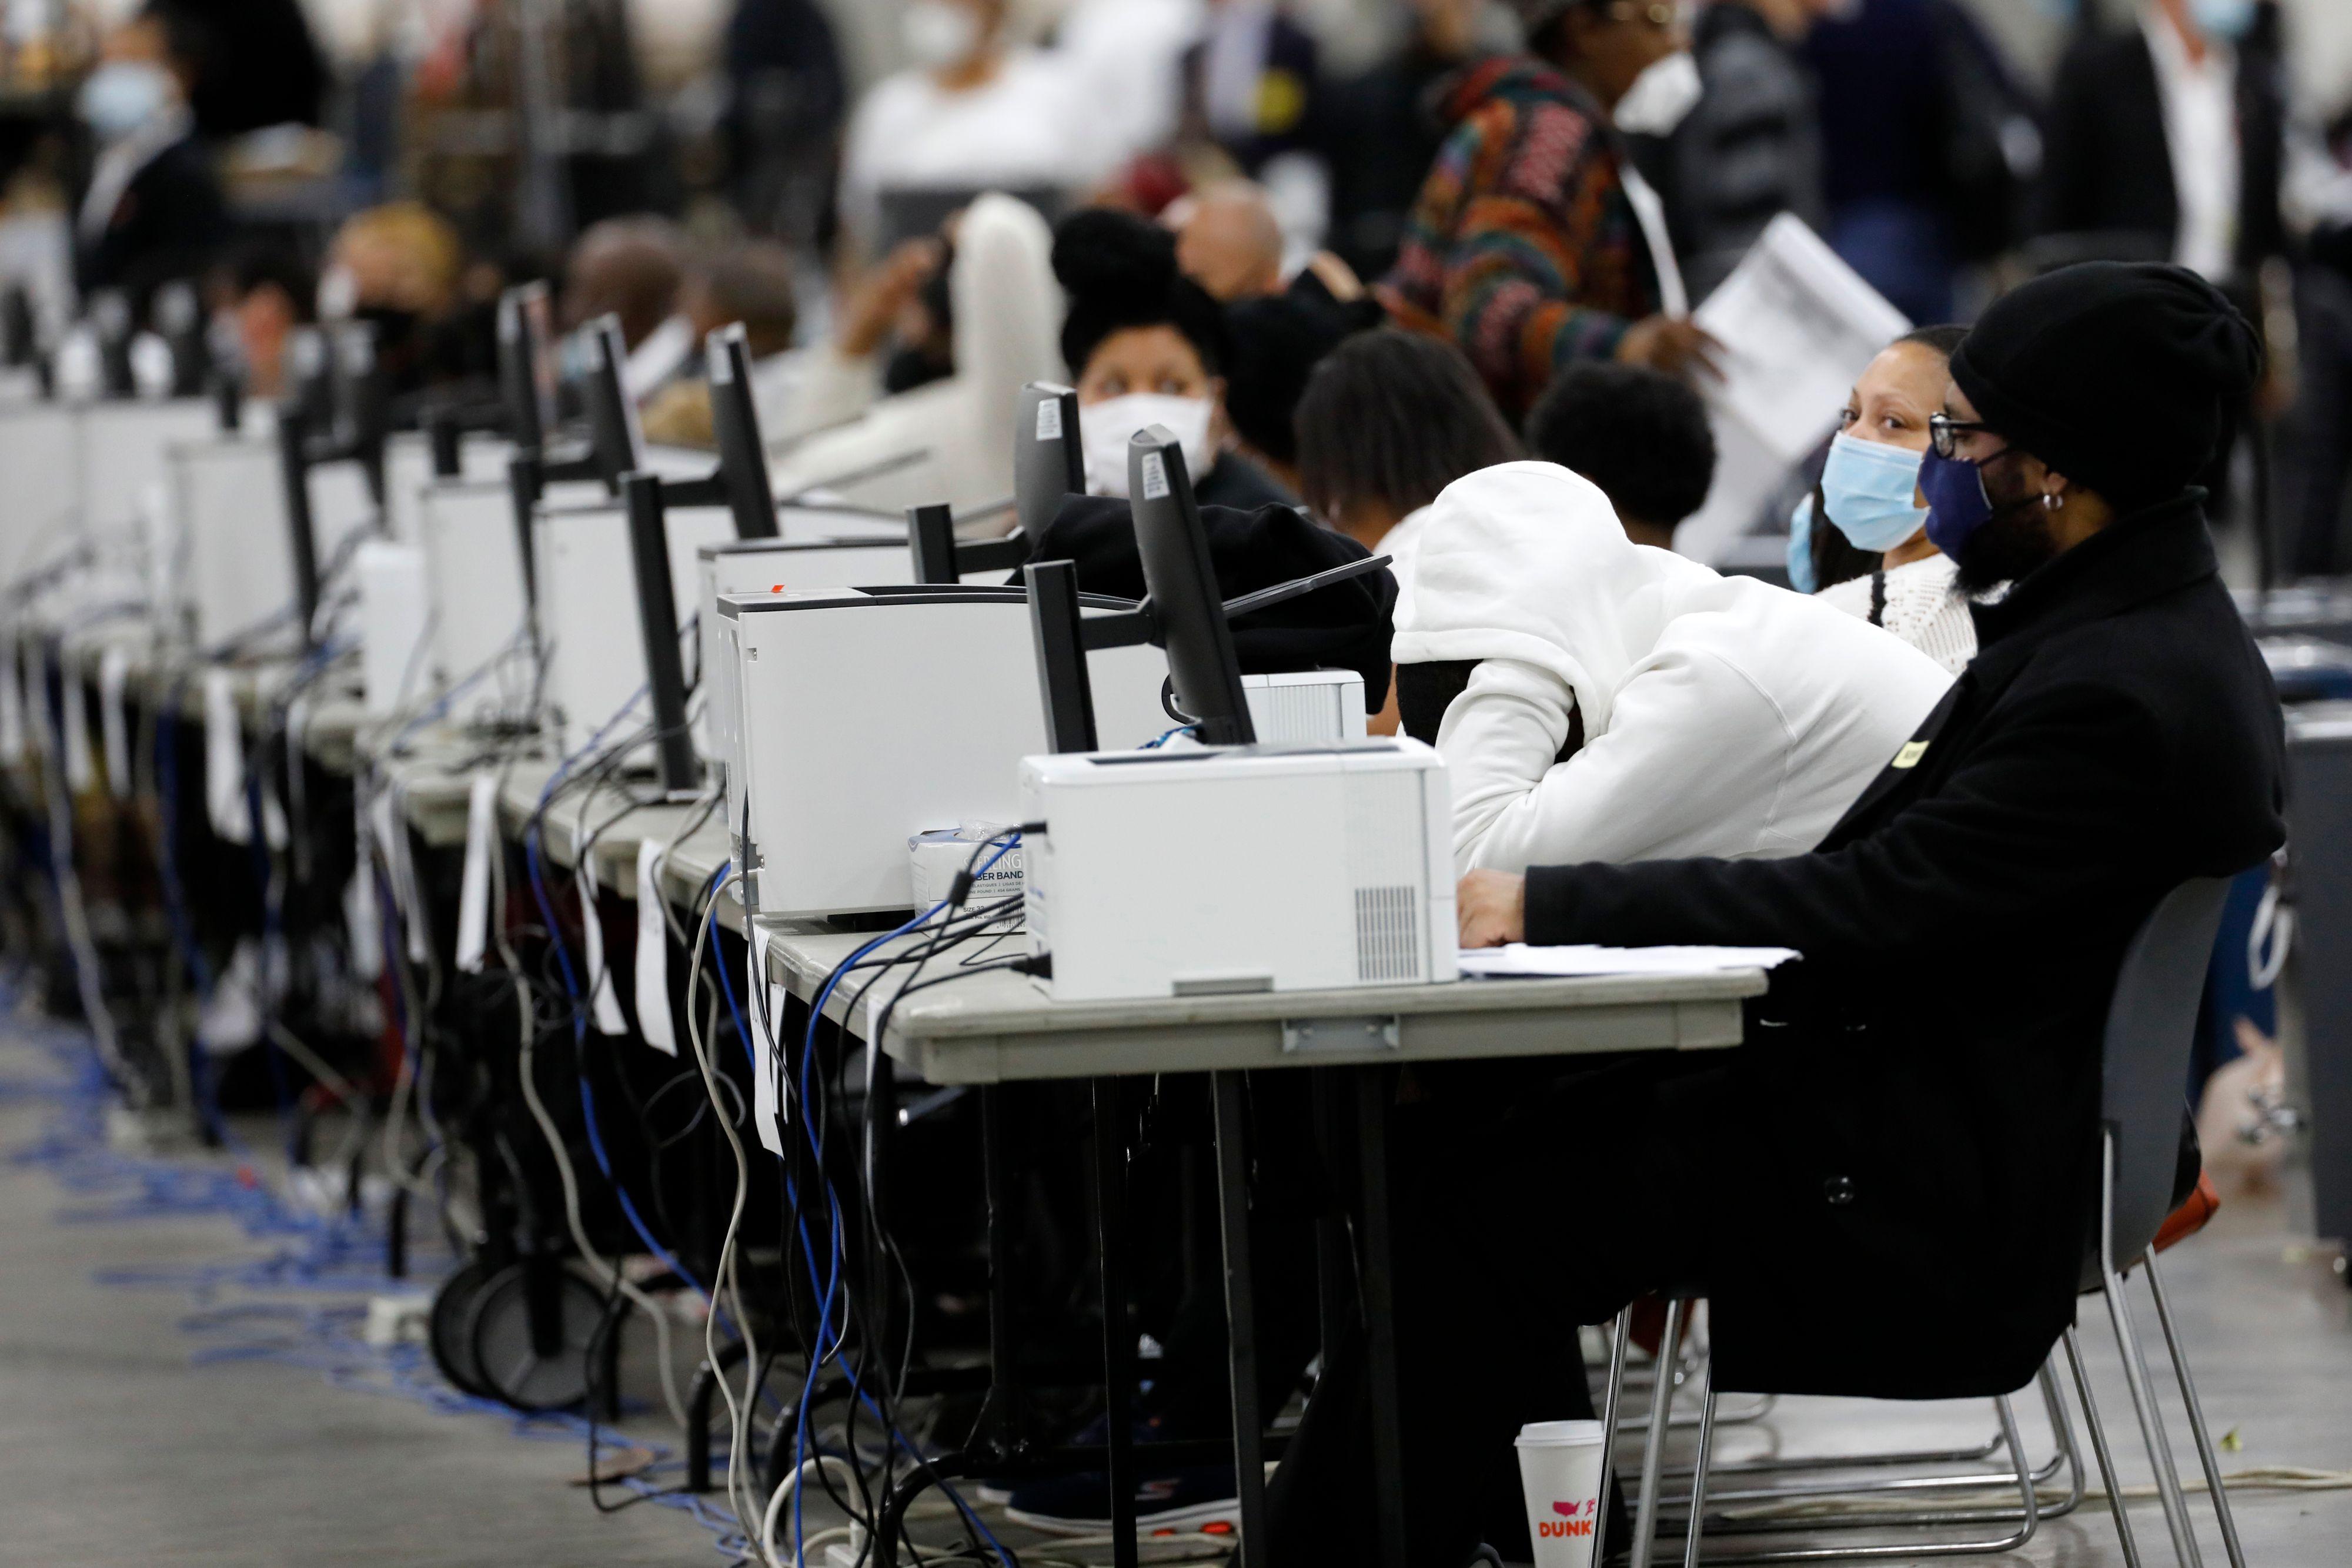 聯邦參議員候選人:密歇根應延遲大選認證